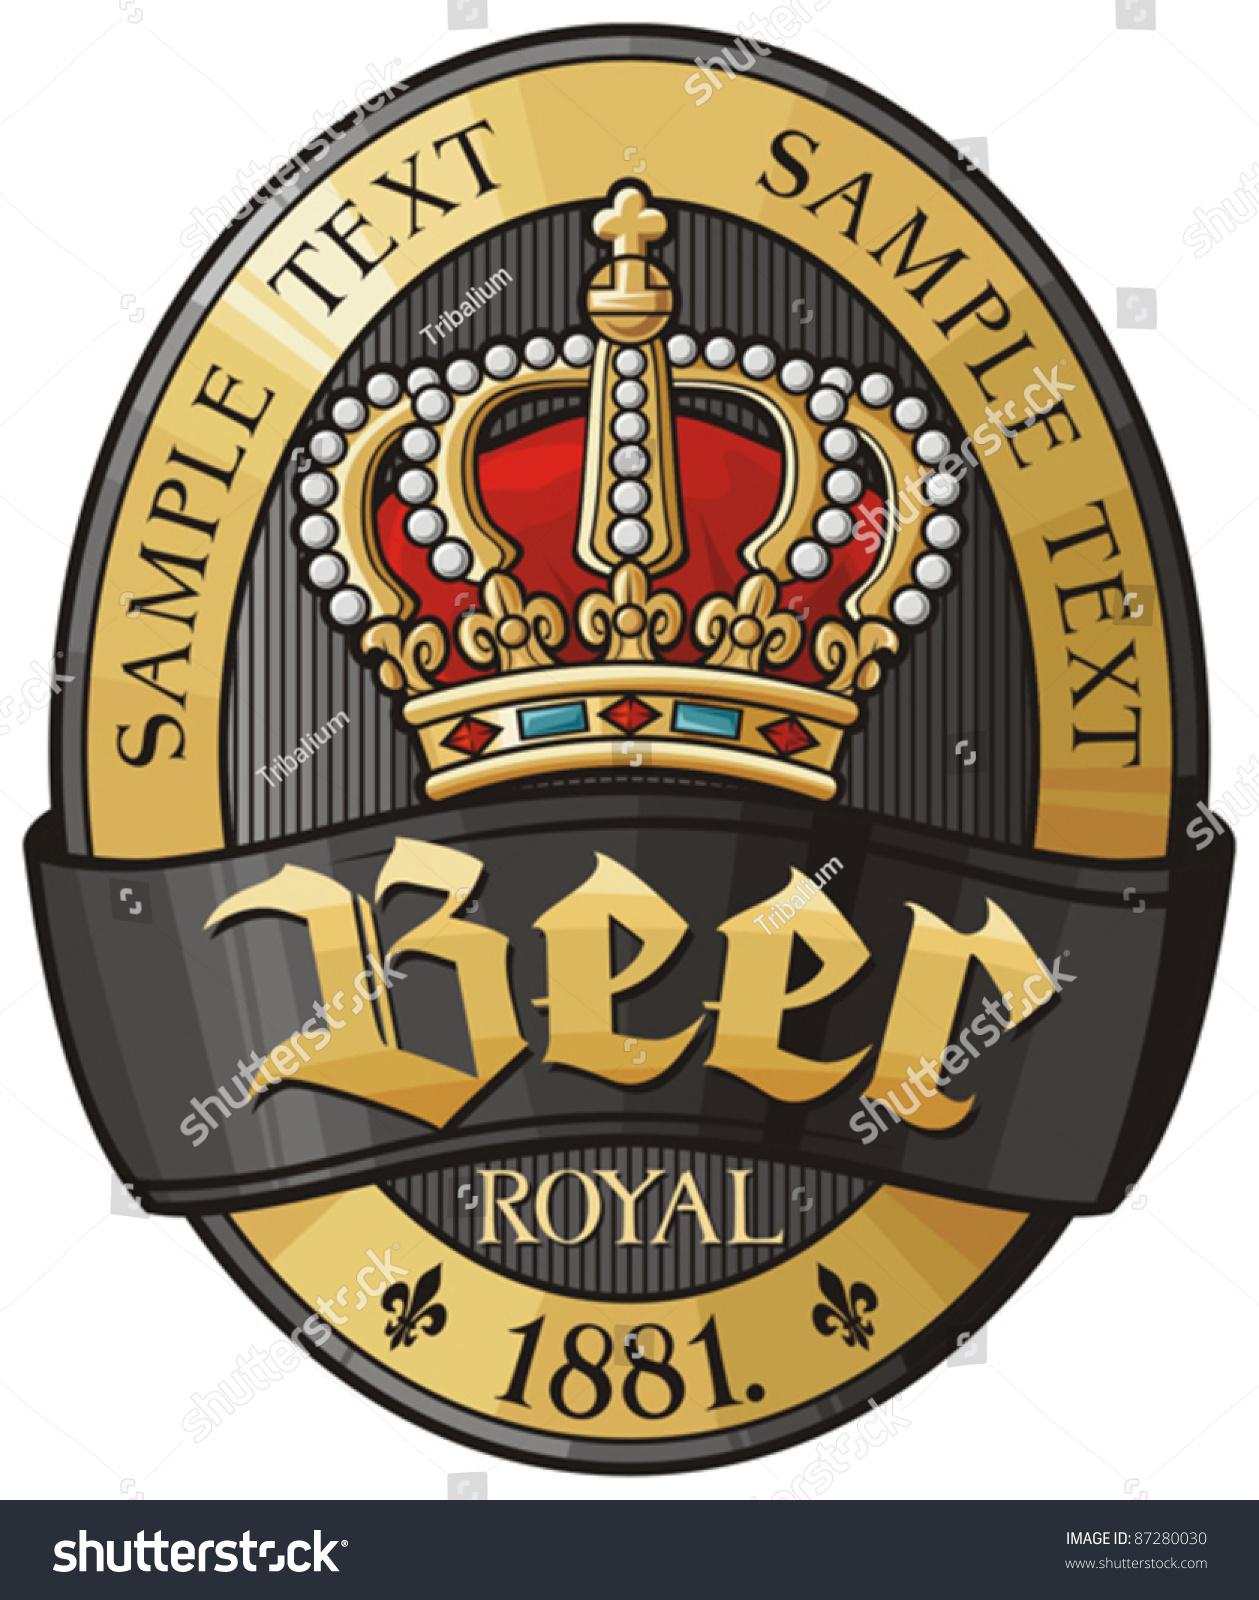 Beer Label Design Vector 87280030 Shutterstock – Beer Label